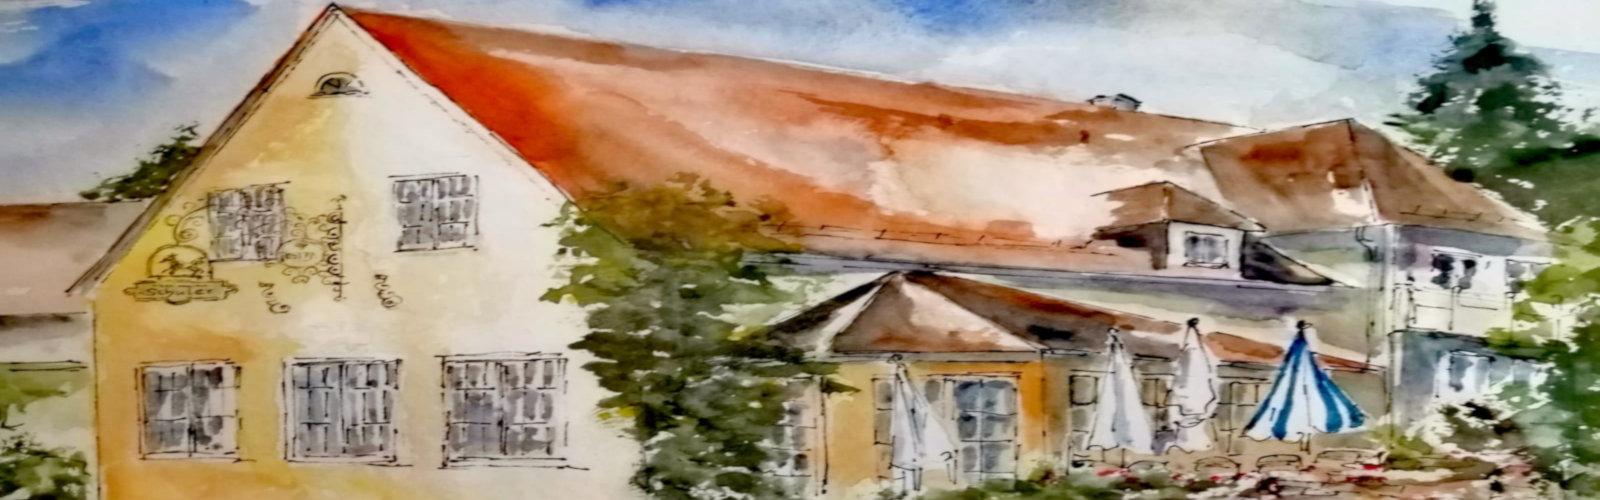 143--topimg-landhaus